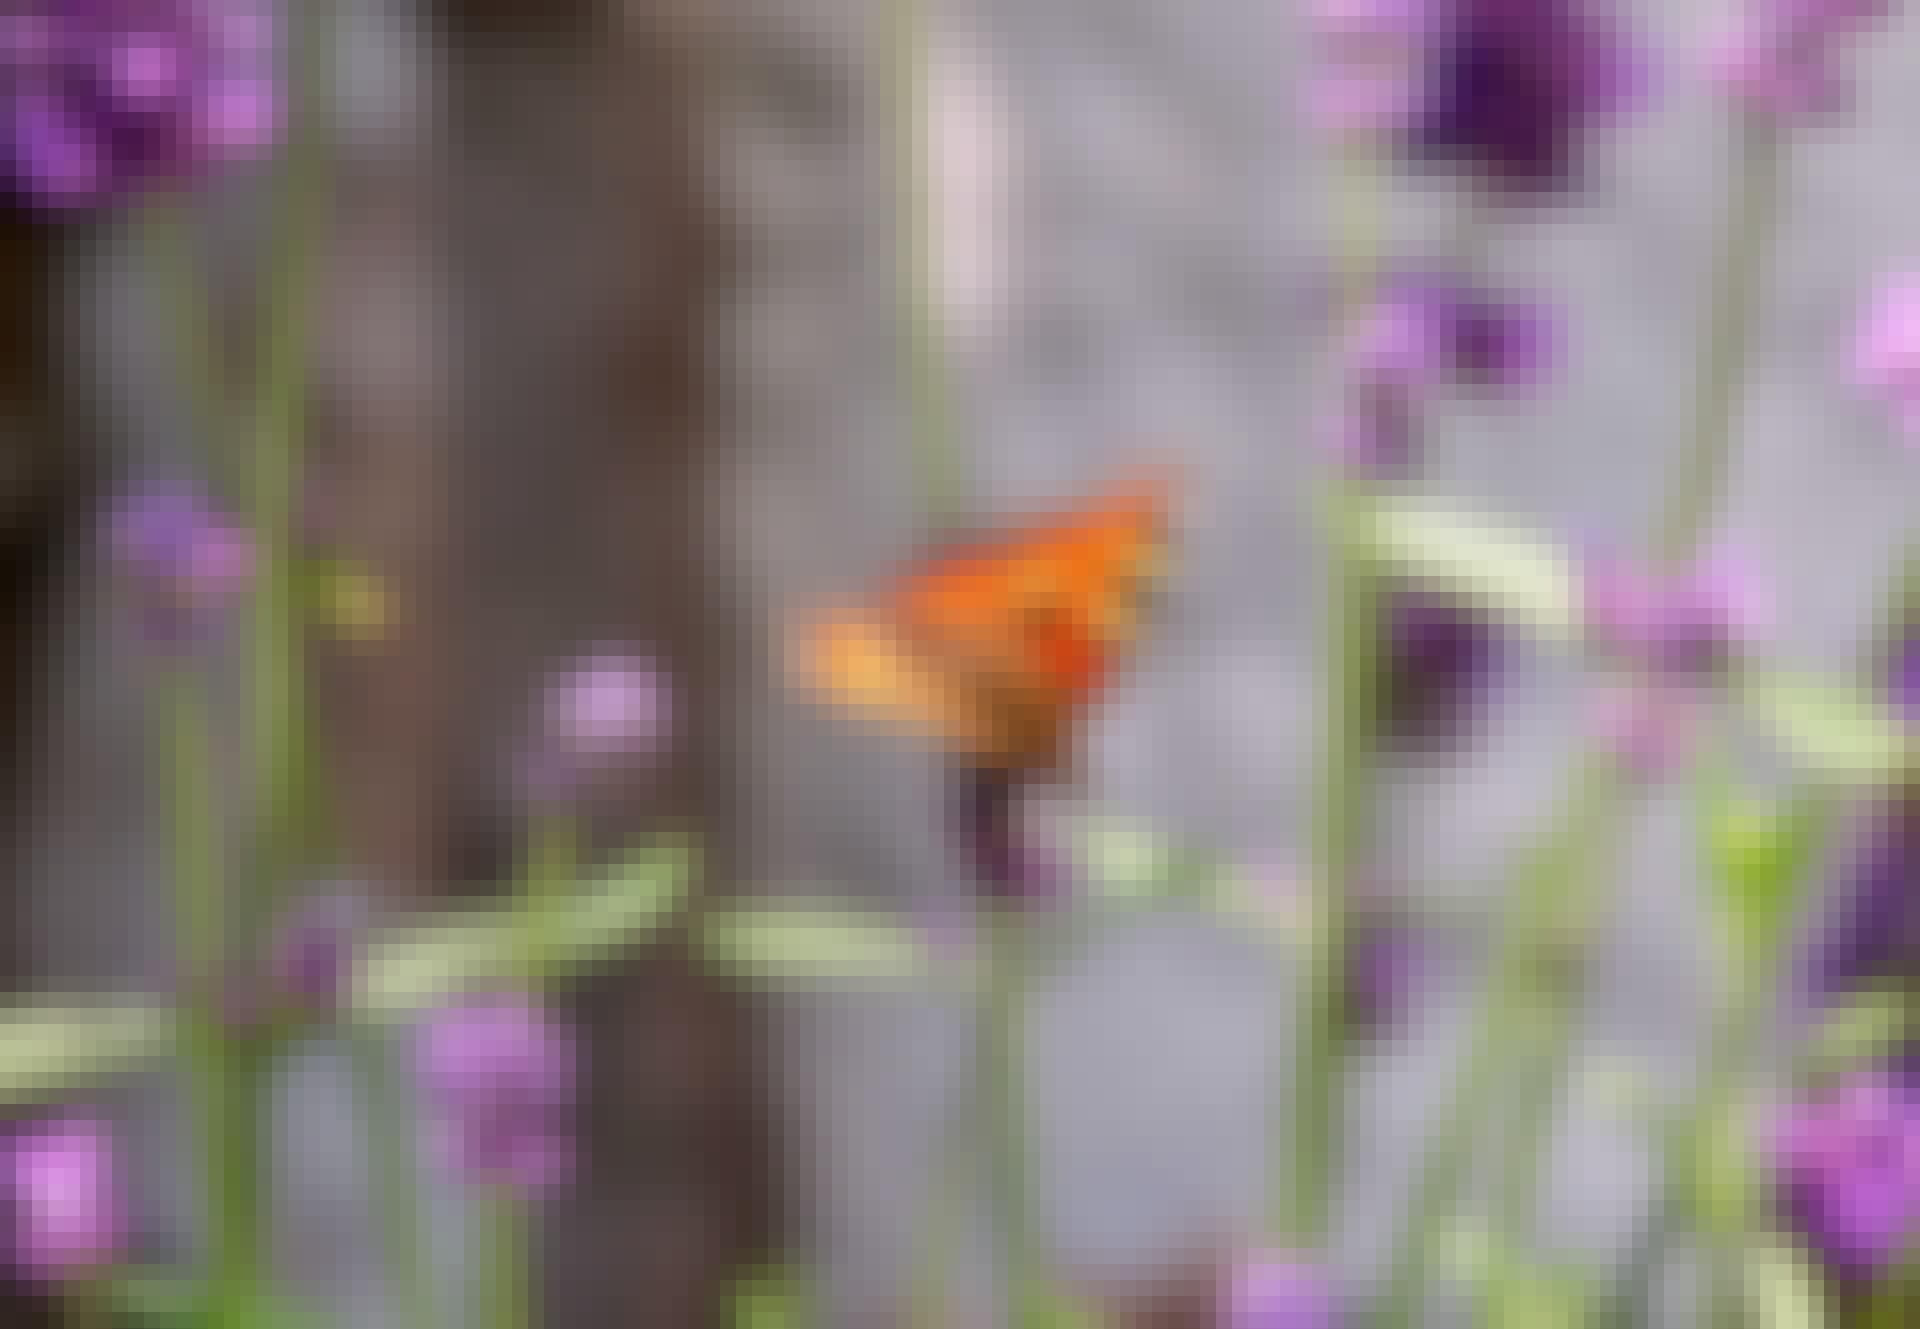 vlinder zit op een bloem